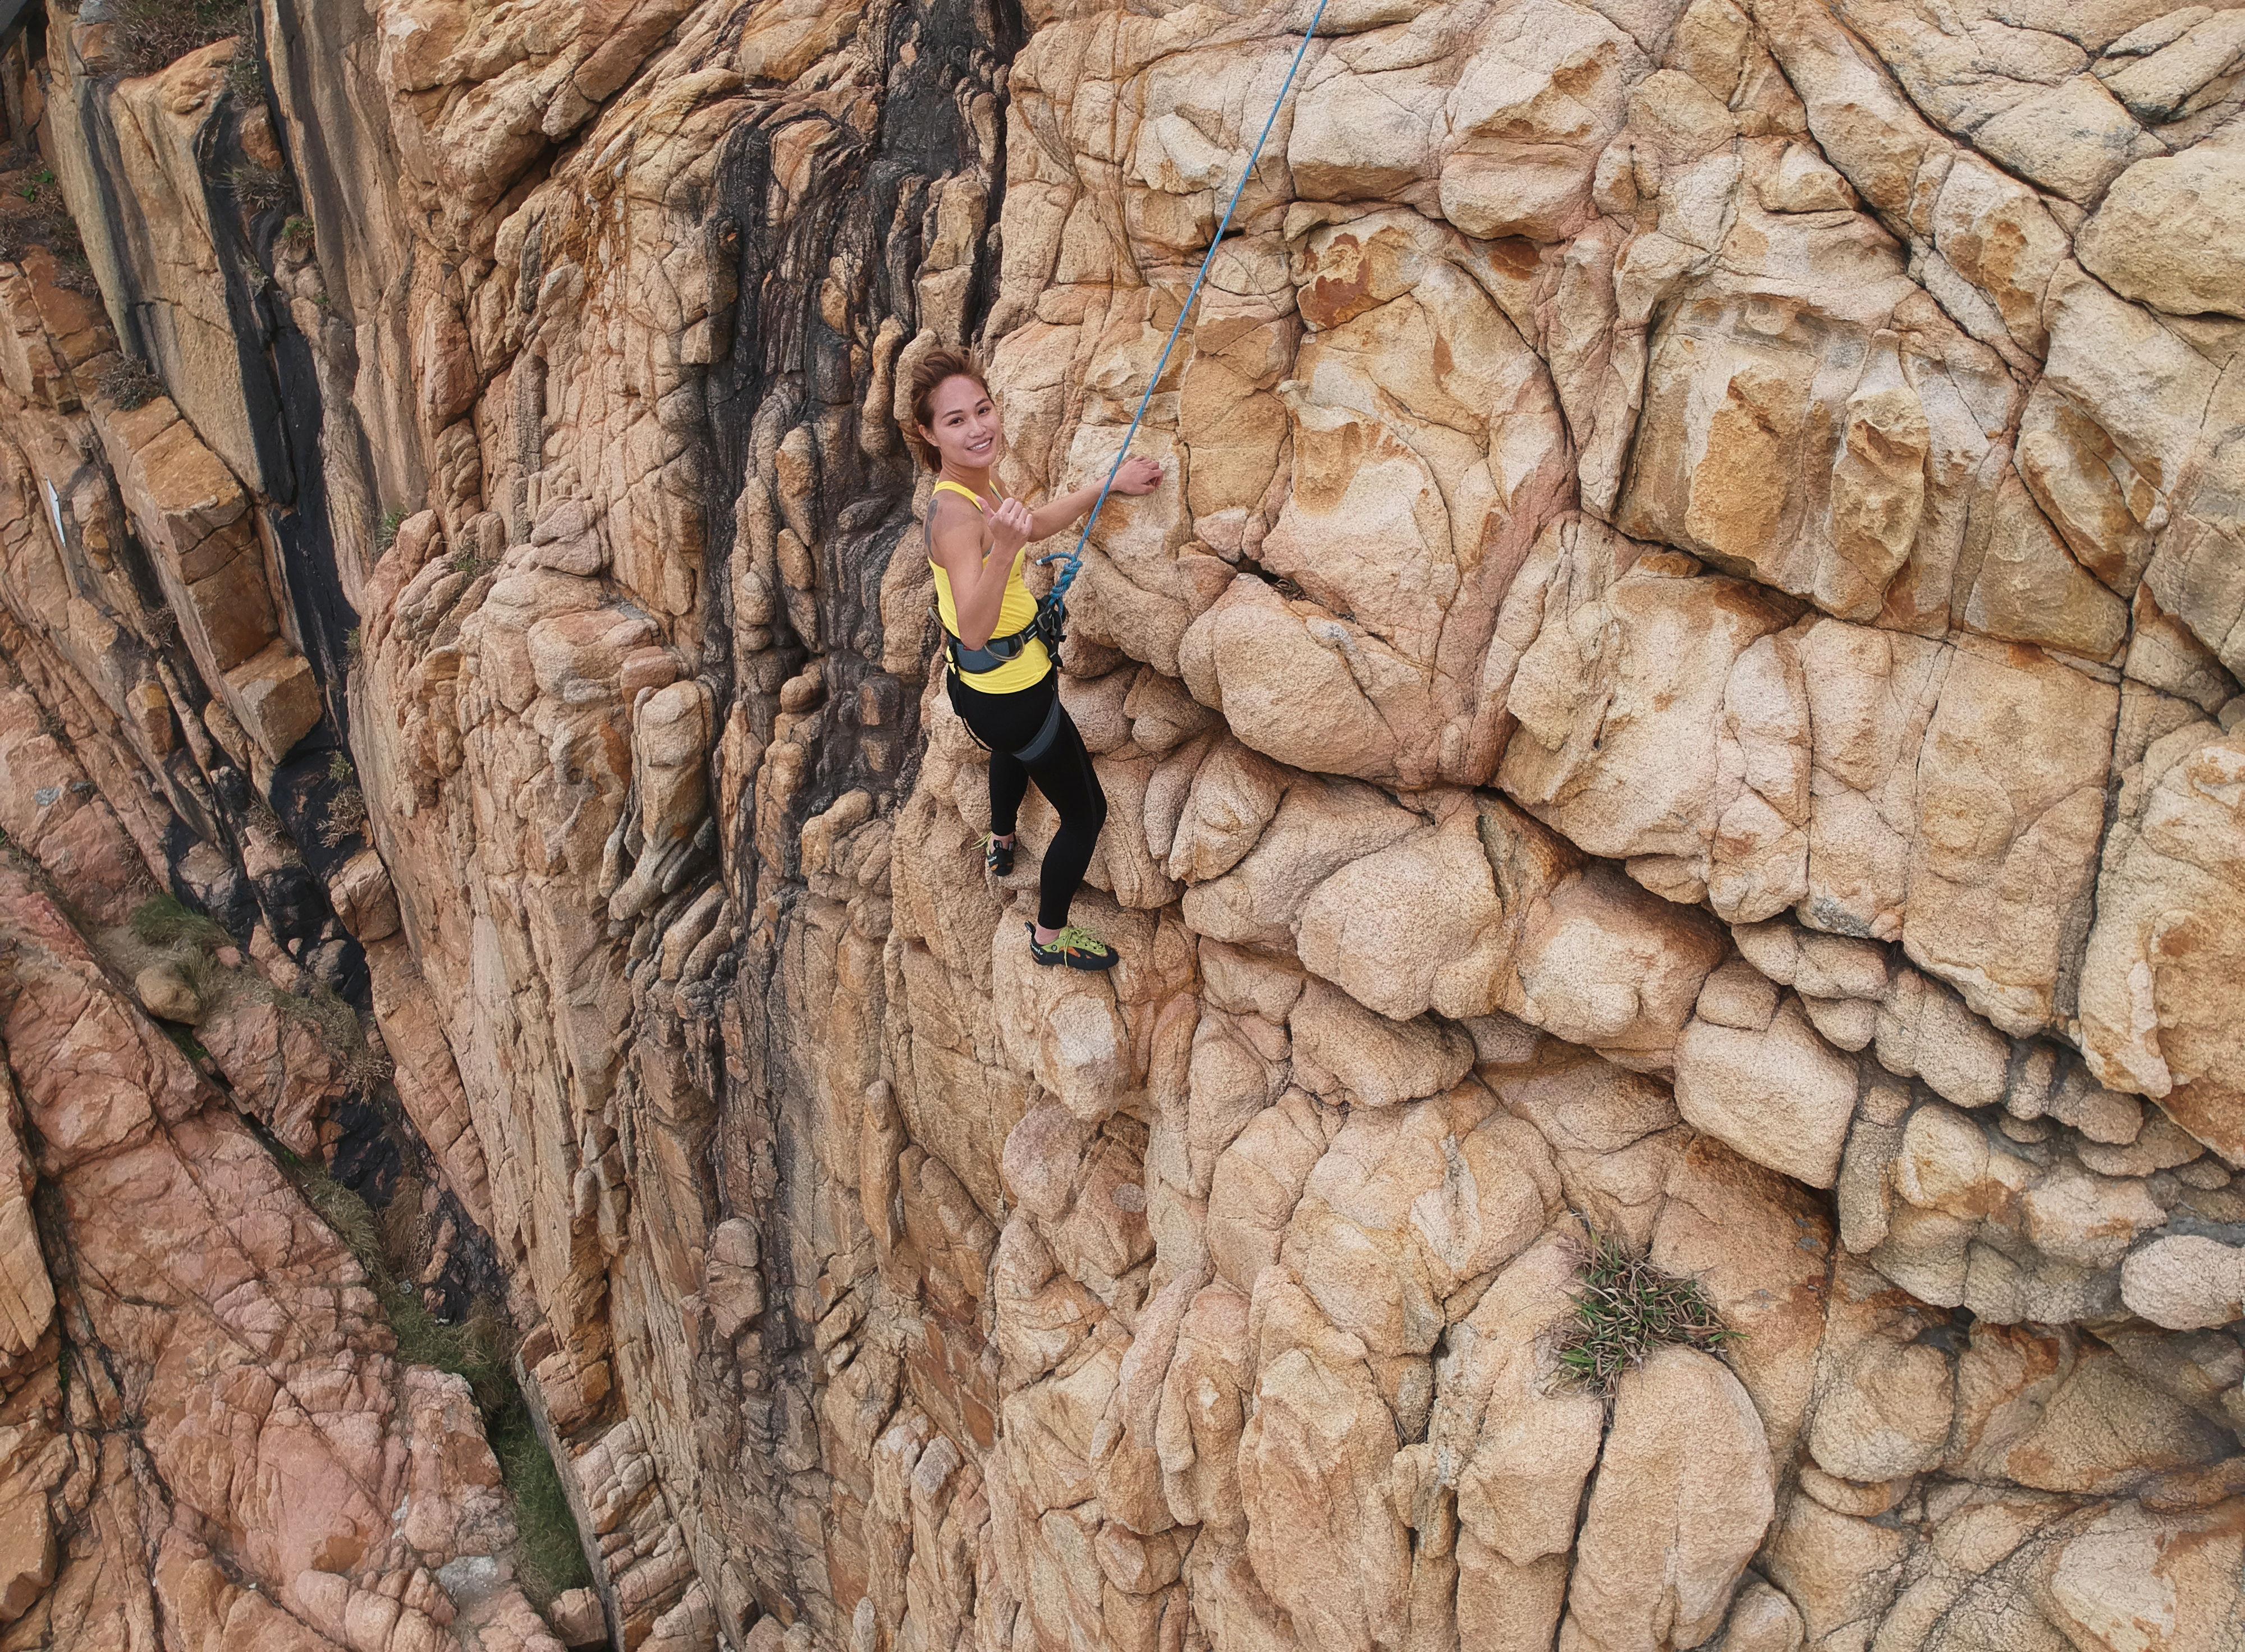 户外运动自拍样张-攀岩.jpg